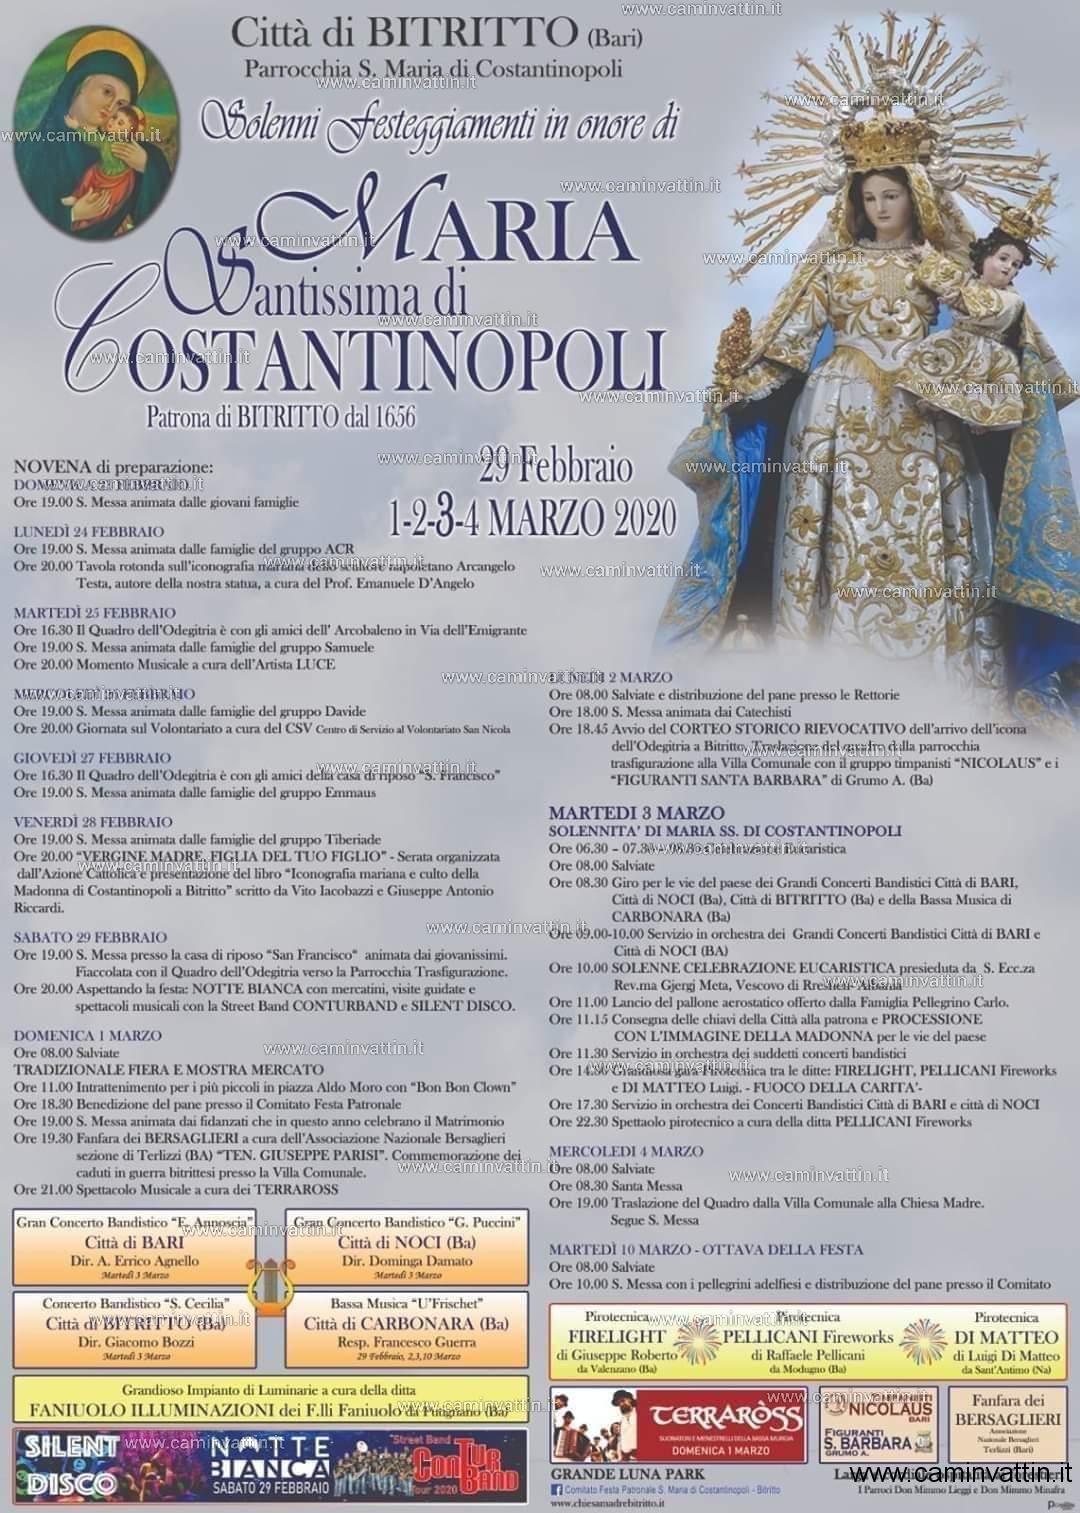 festa patronale bitritto 2020 madonna di costantinopoli